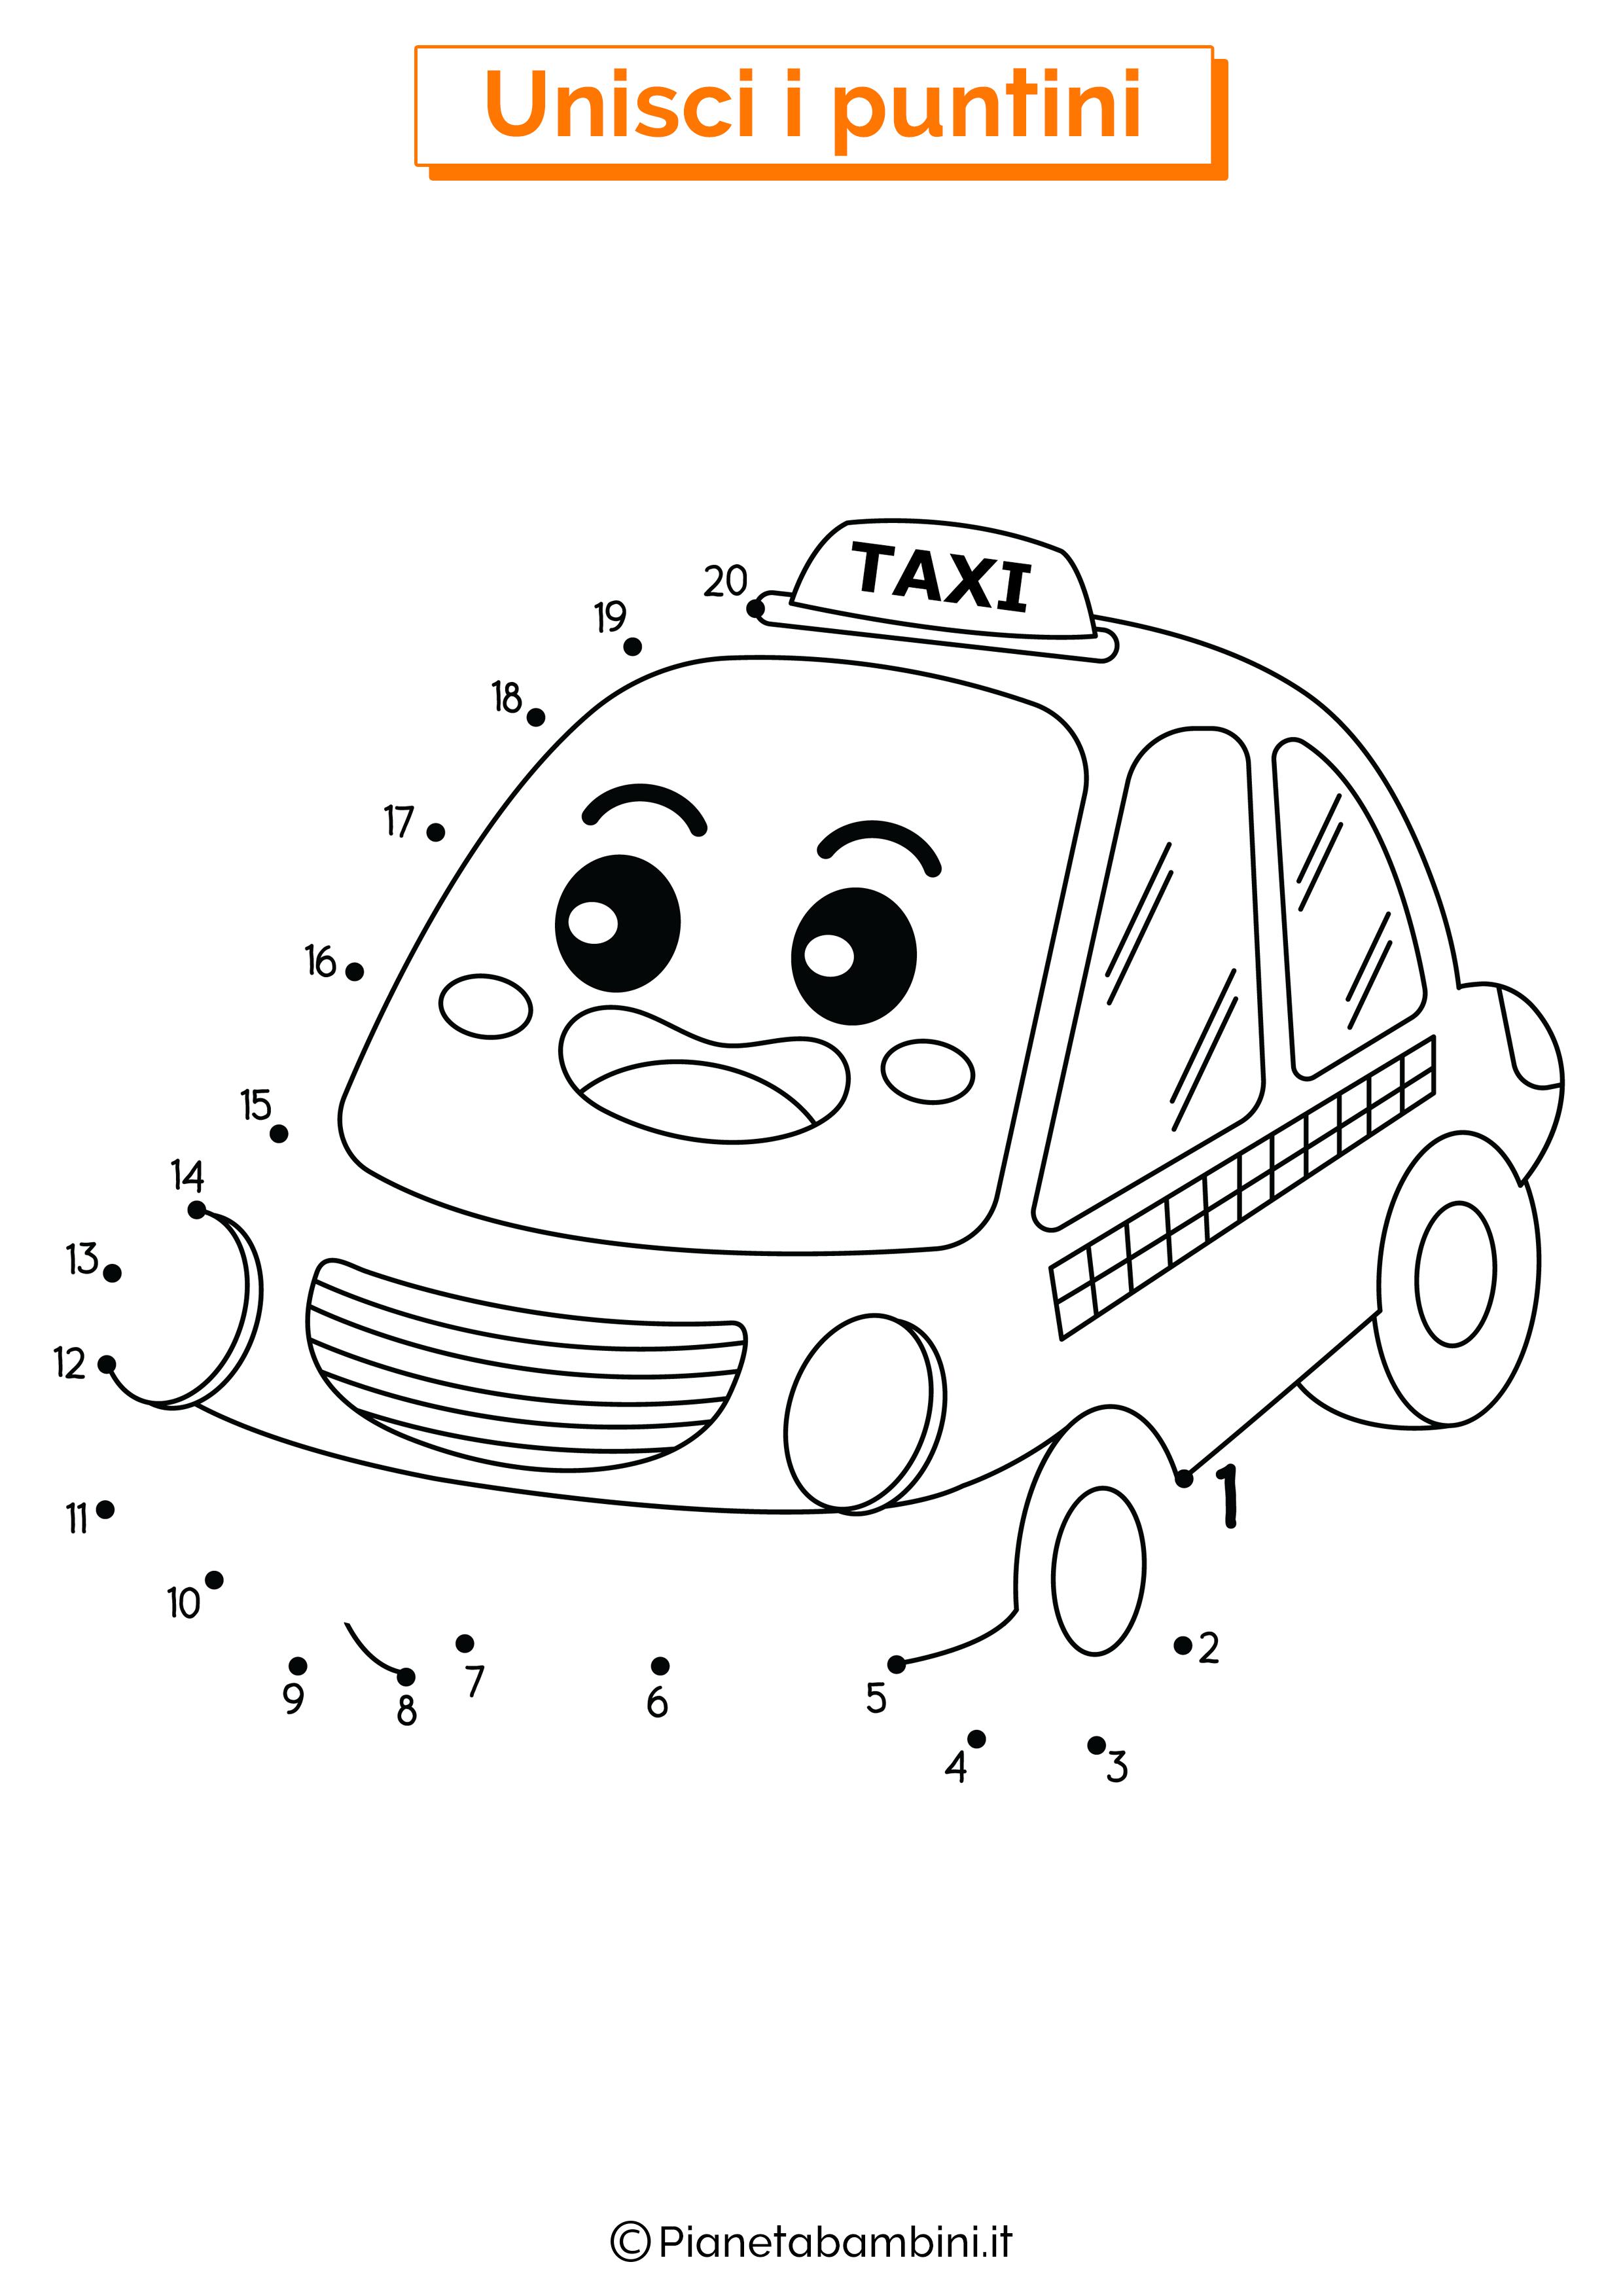 Disegno unisci i puntini taxi